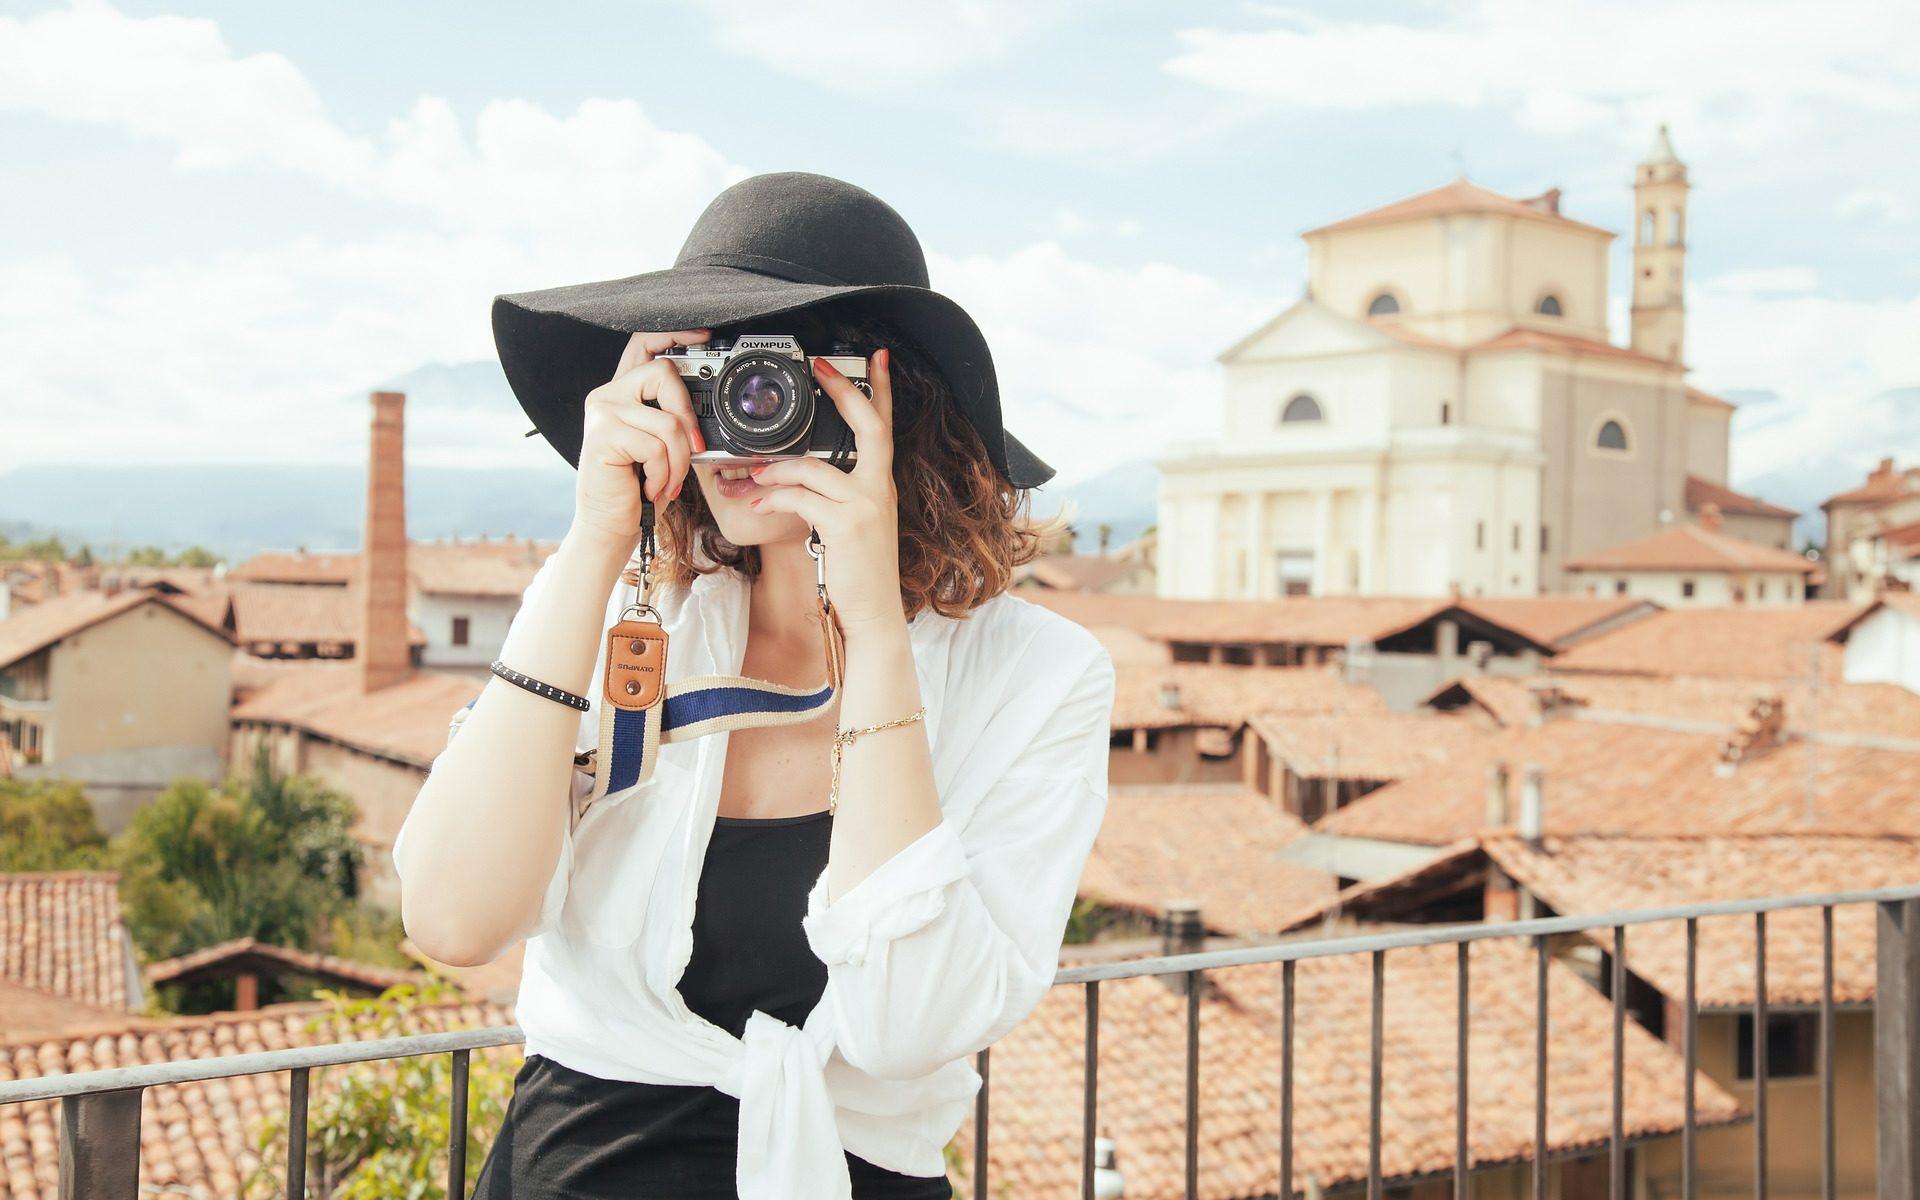 fotografierende Touristin